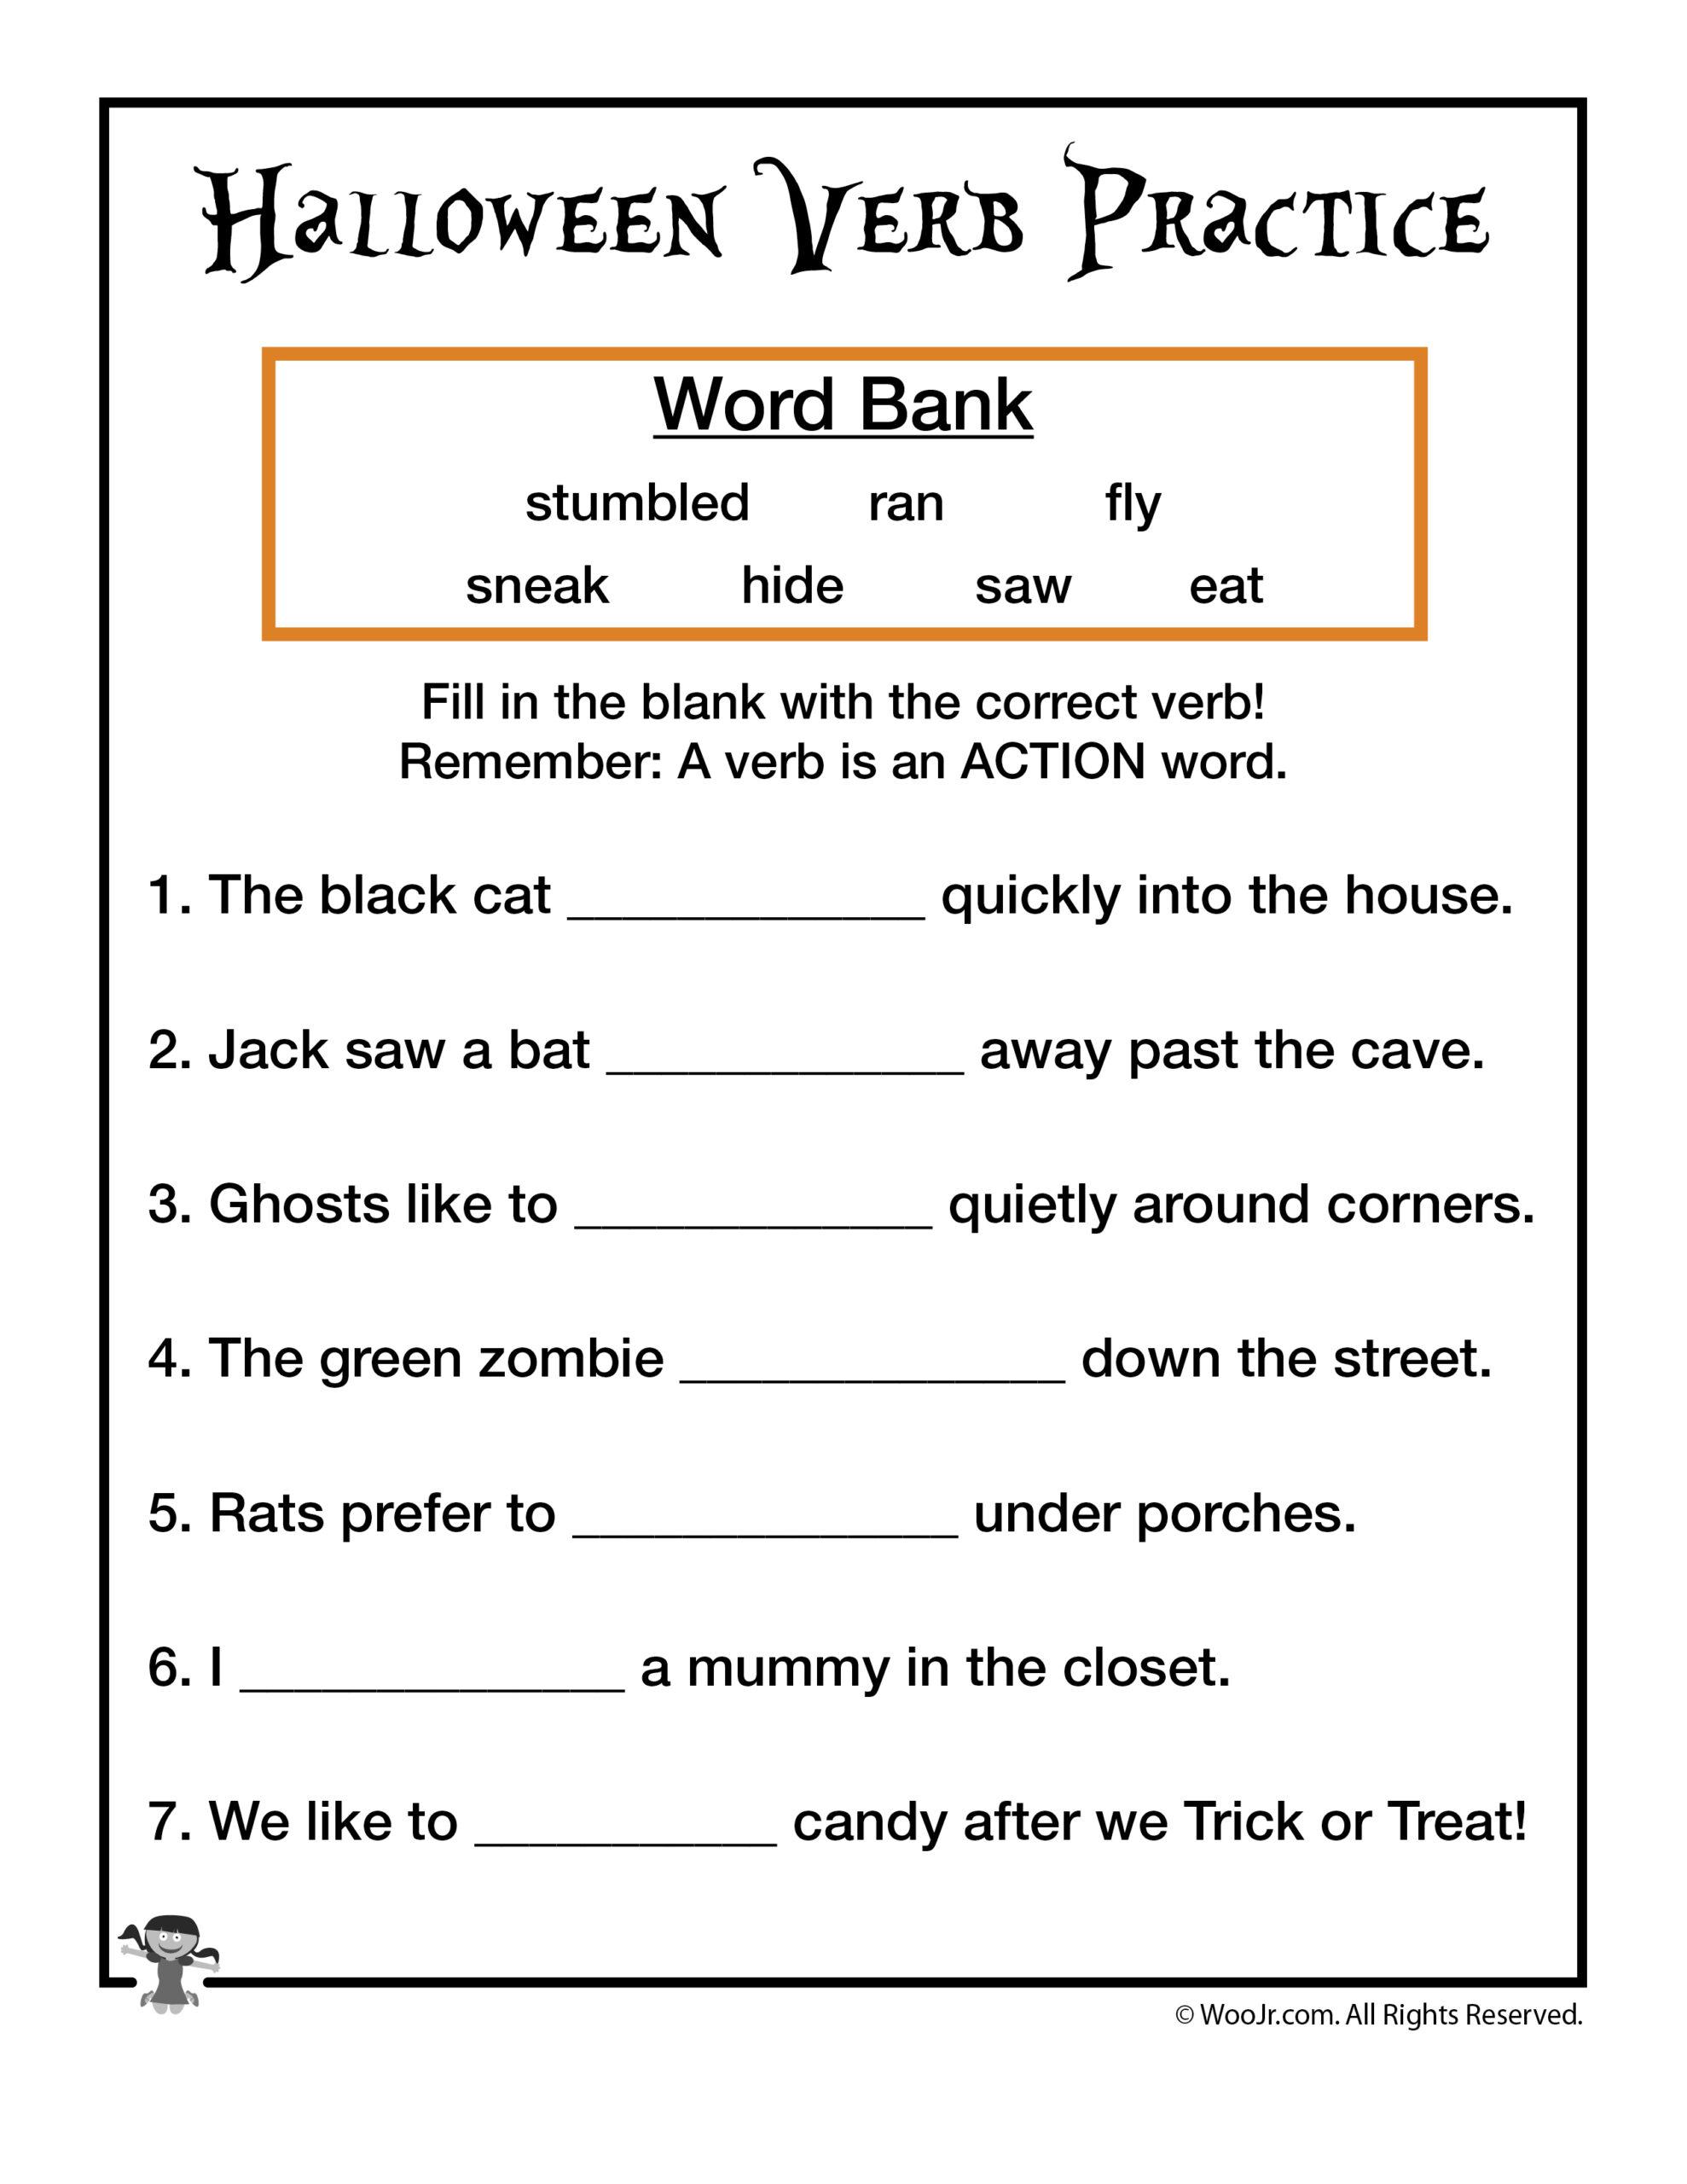 Halloween Verb Practice Worksheet | Woo! Jr. Kids Activities